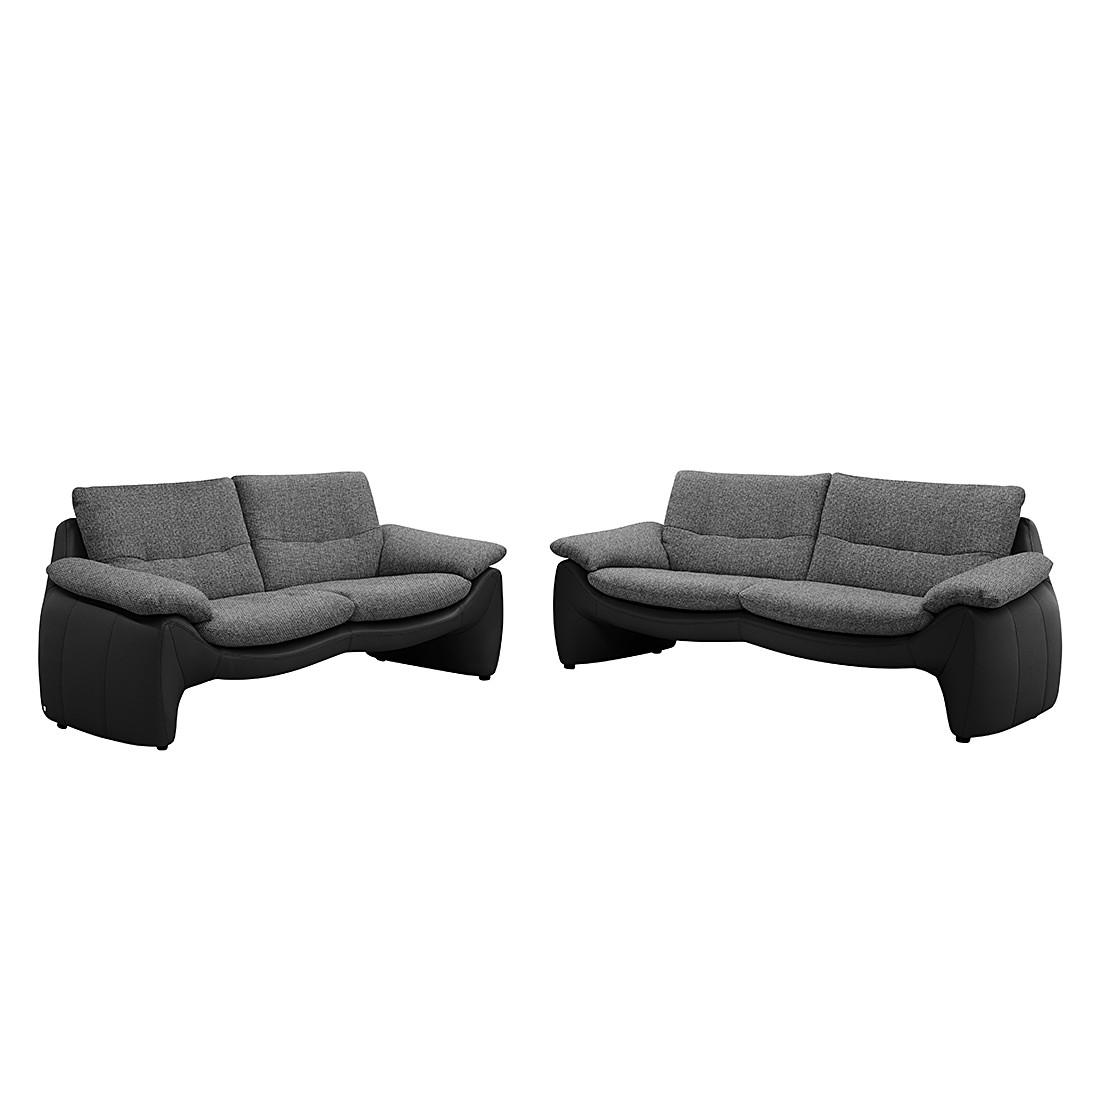 polstergarnitur giorgio 3 2 kunstleder schwarz strukturstoff grau mit 2 kopfst tzen. Black Bedroom Furniture Sets. Home Design Ideas